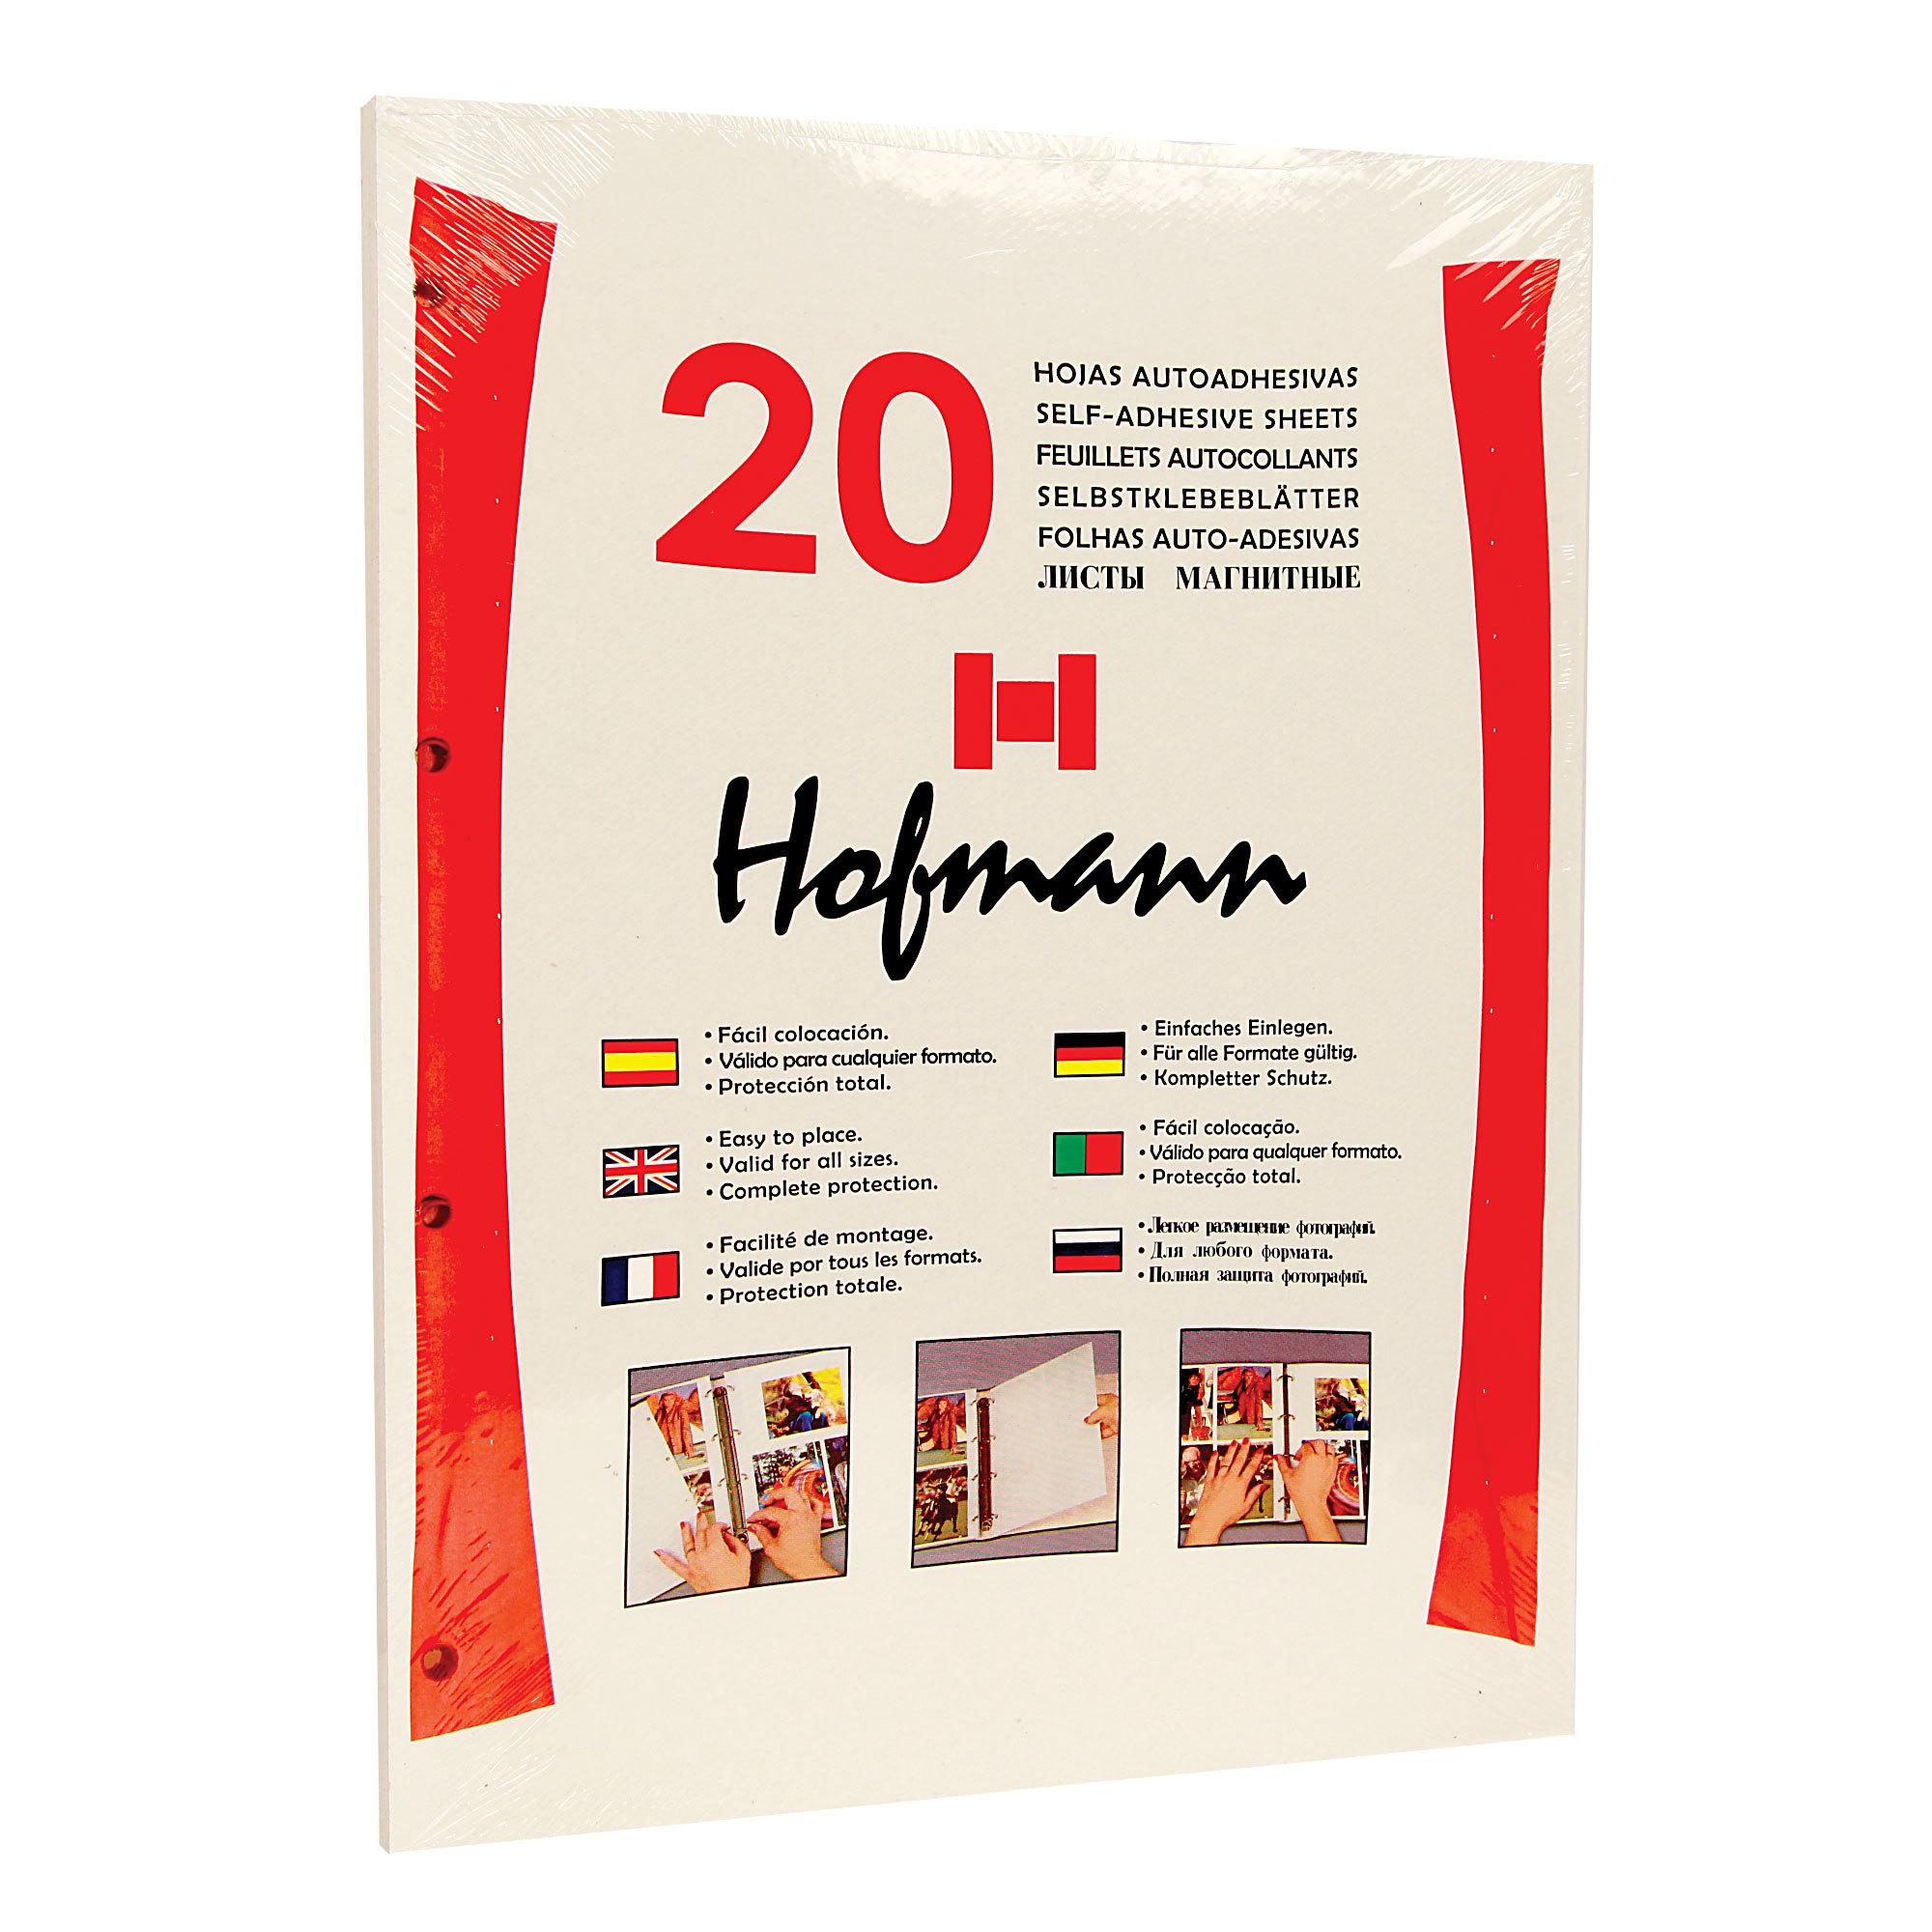 Сменный блок Хофманн для фотоальбома